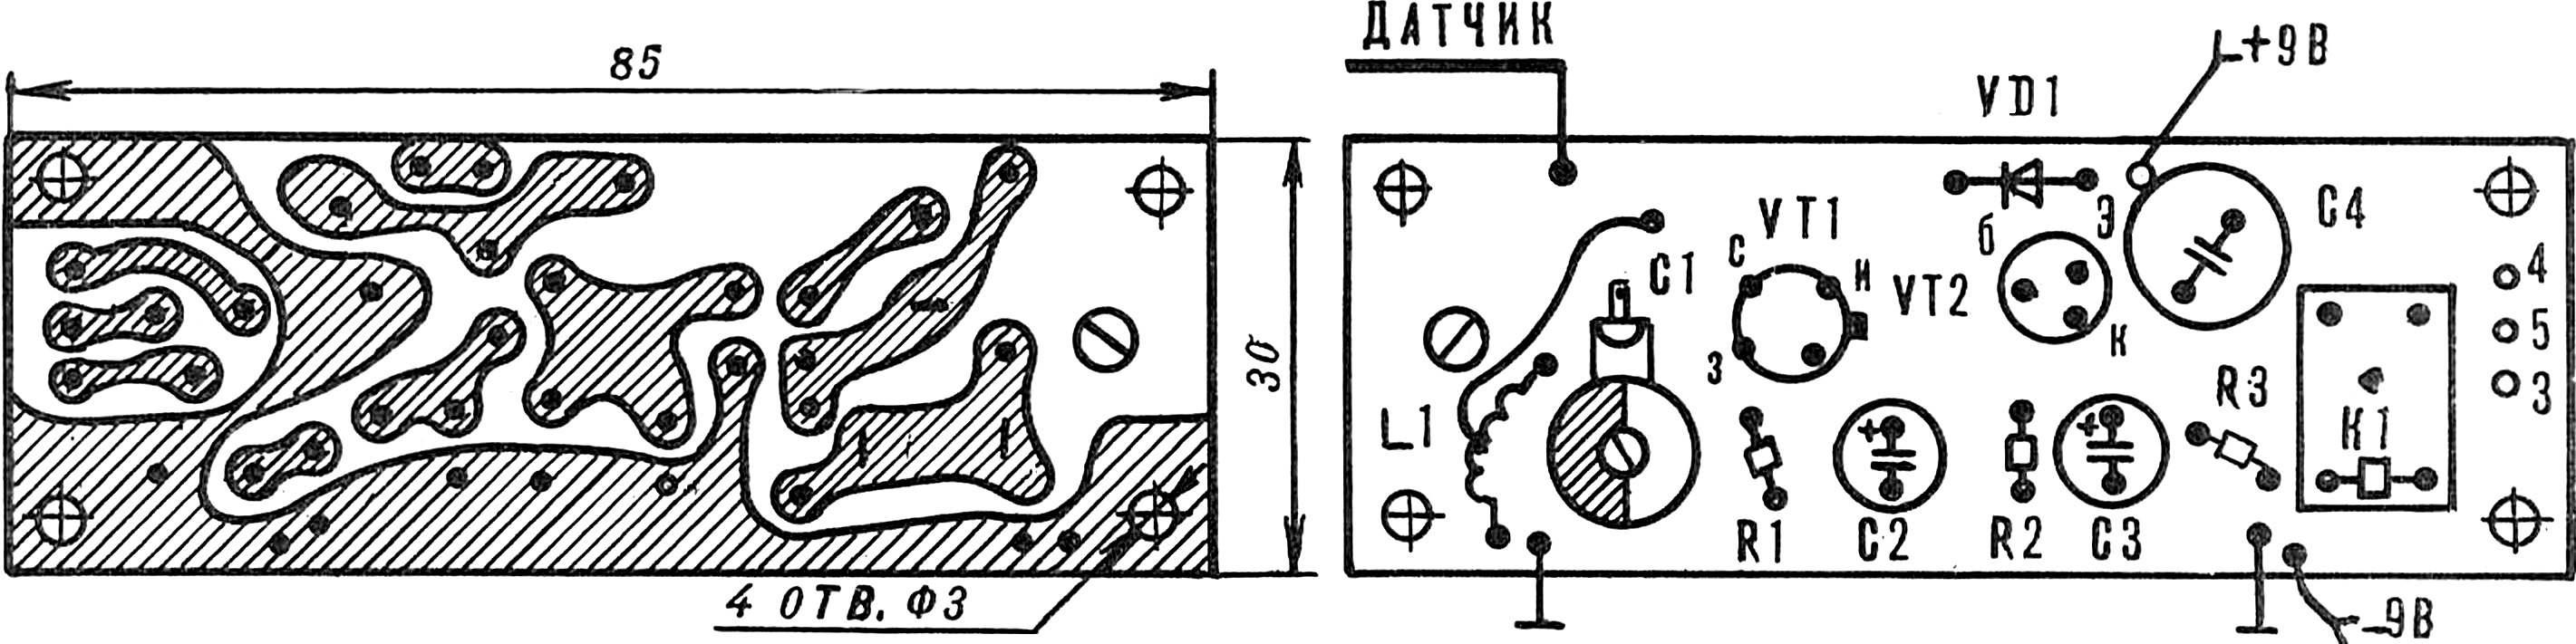 Рис. 2. Печатная плата устройства со схемой расположения элементов.